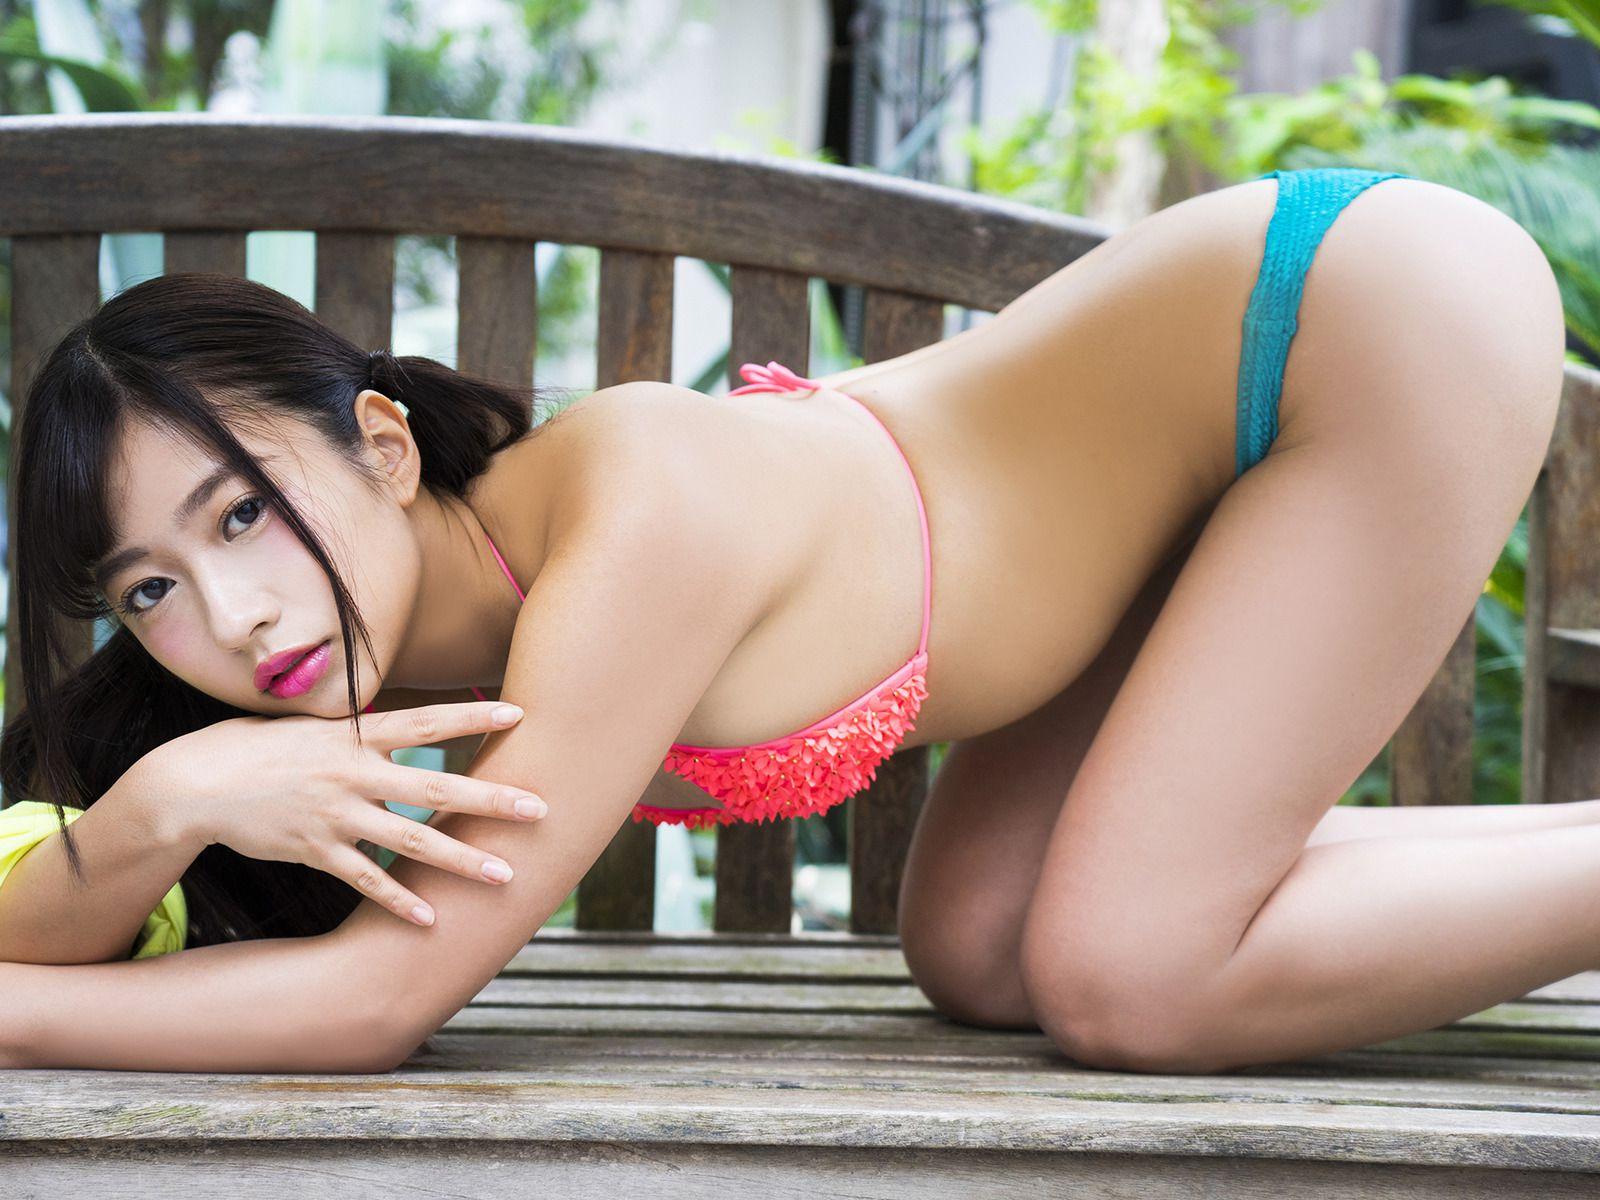 Suitable breast queen013